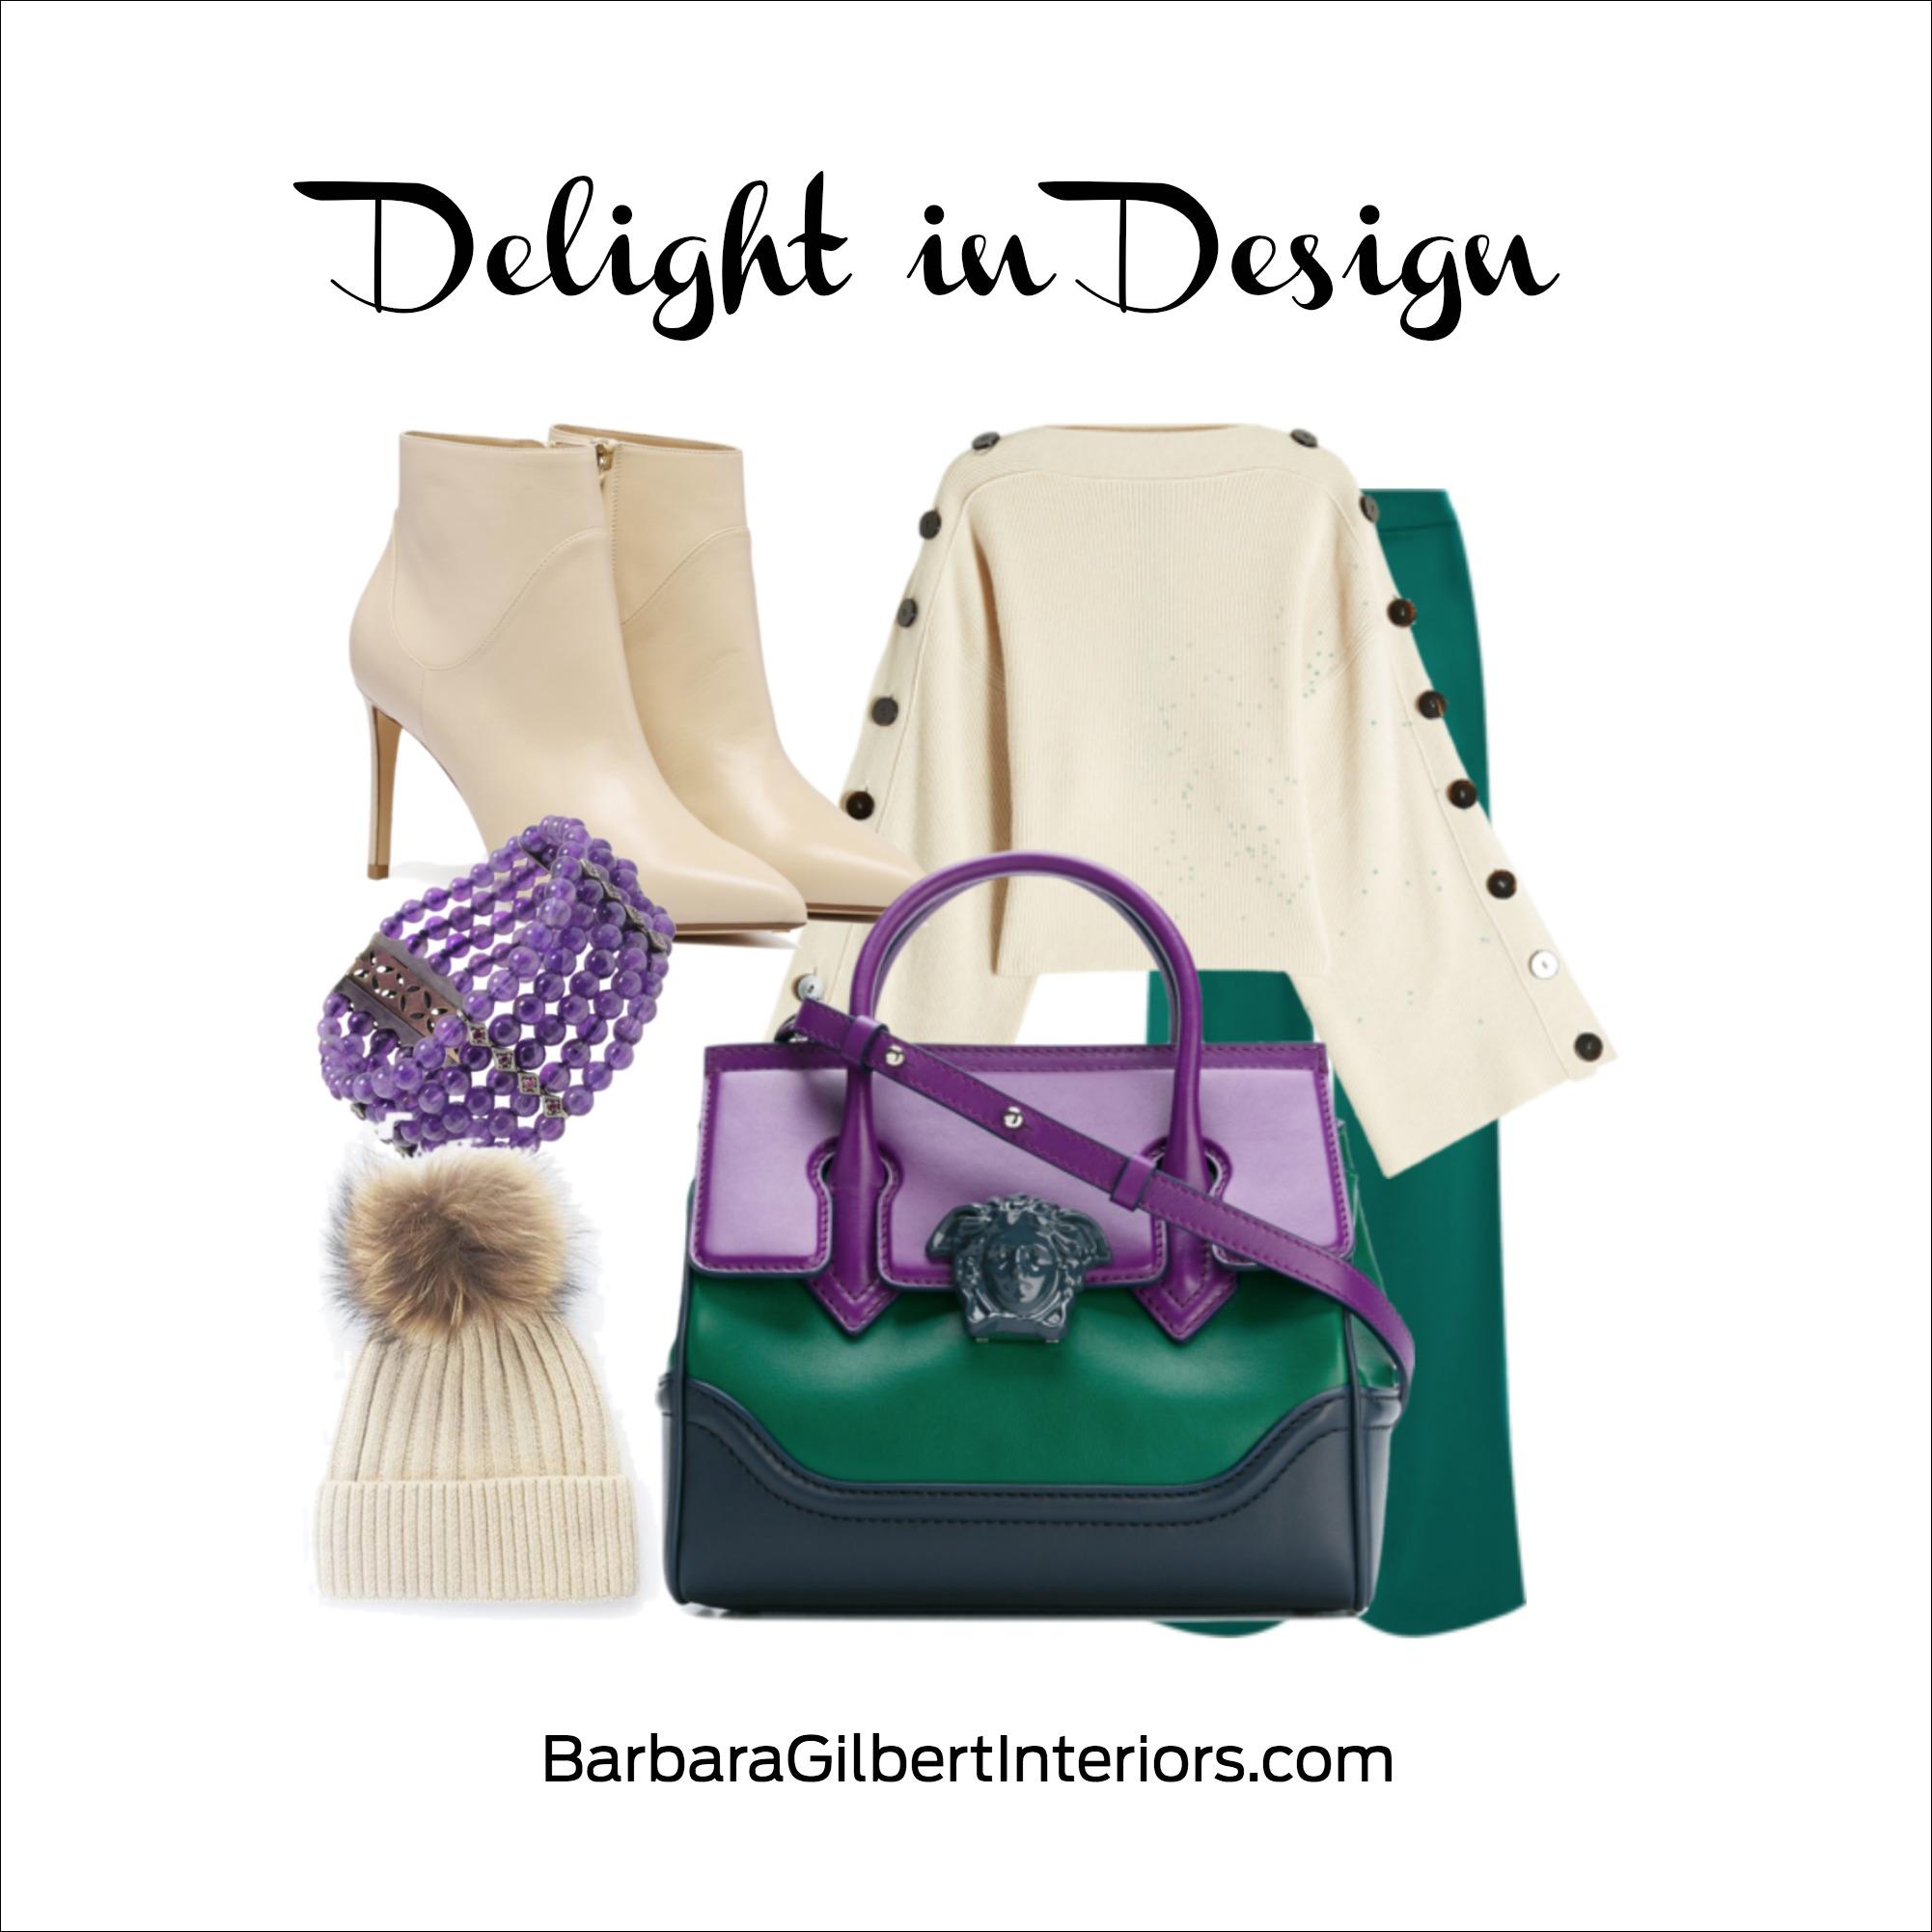 Delight in Design: Winter Work | Interior Design Dallas | Barbara Gilbert Interiors